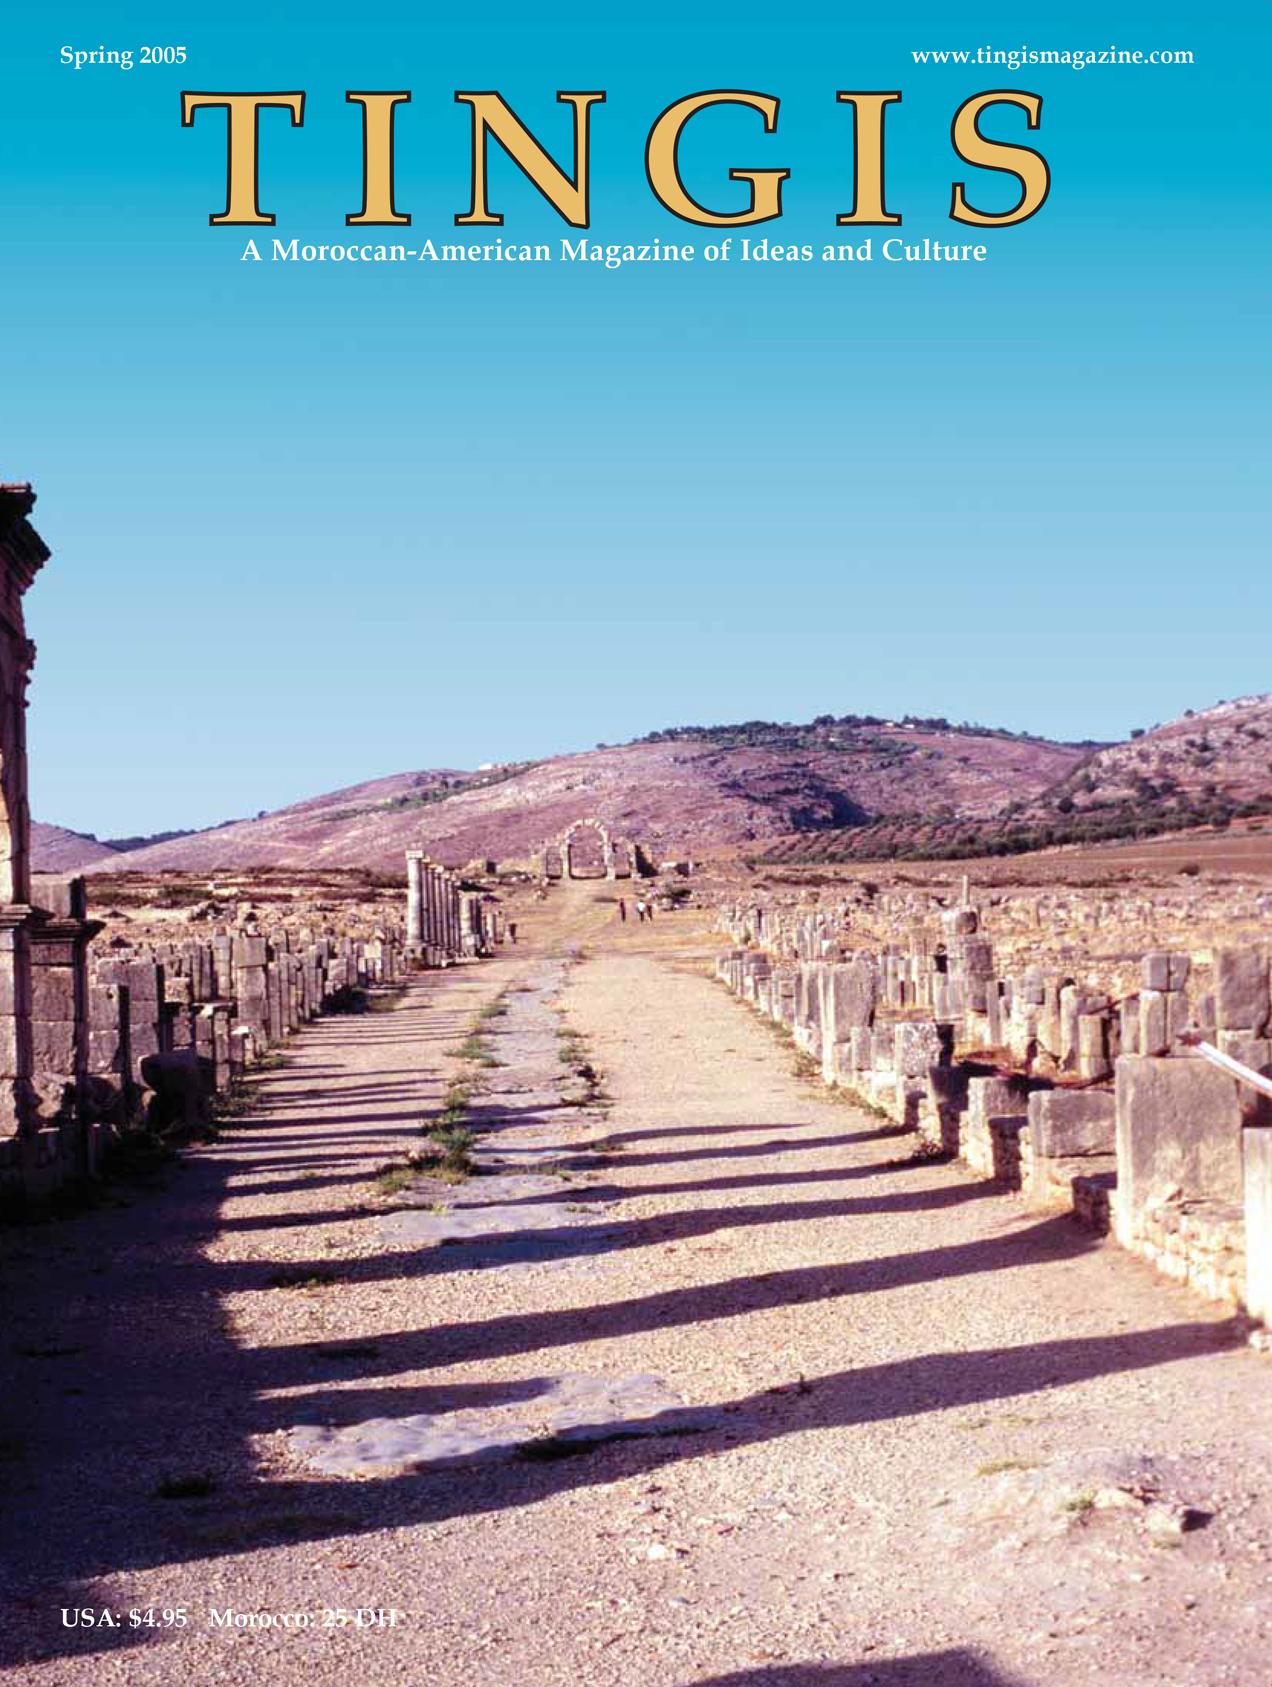 Tingis Magazine Spring 2005 Cover